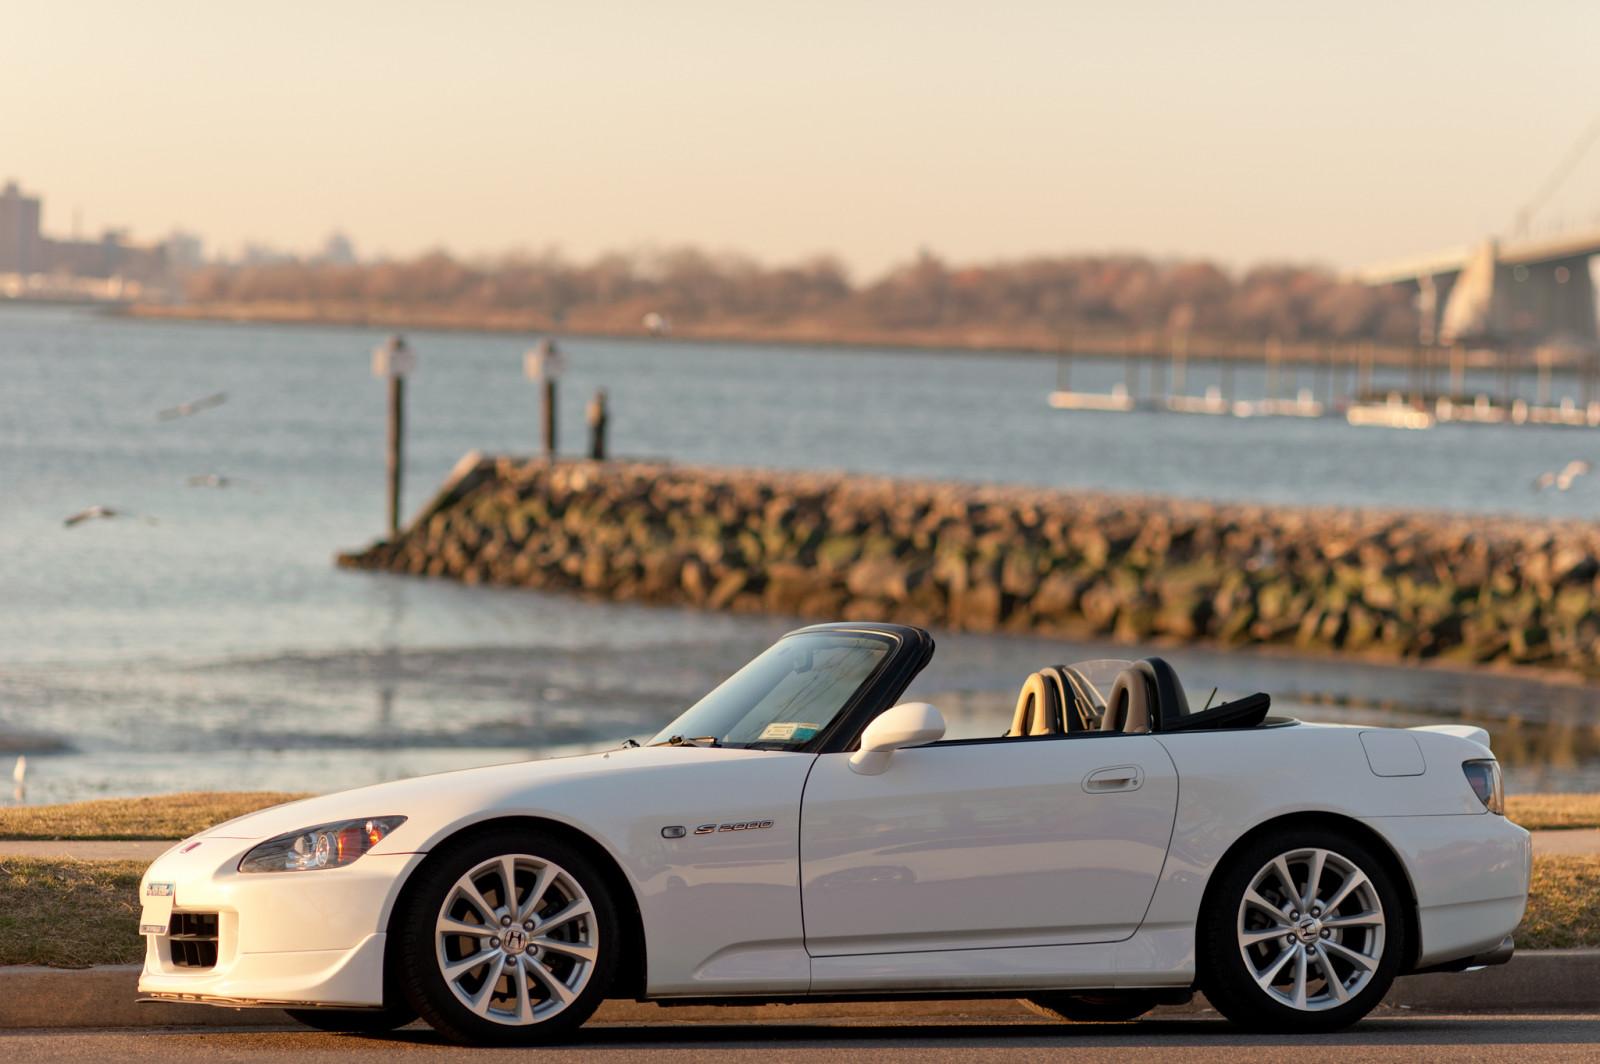 Wallpaper : white, BMW, Honda, side view, sports car ...